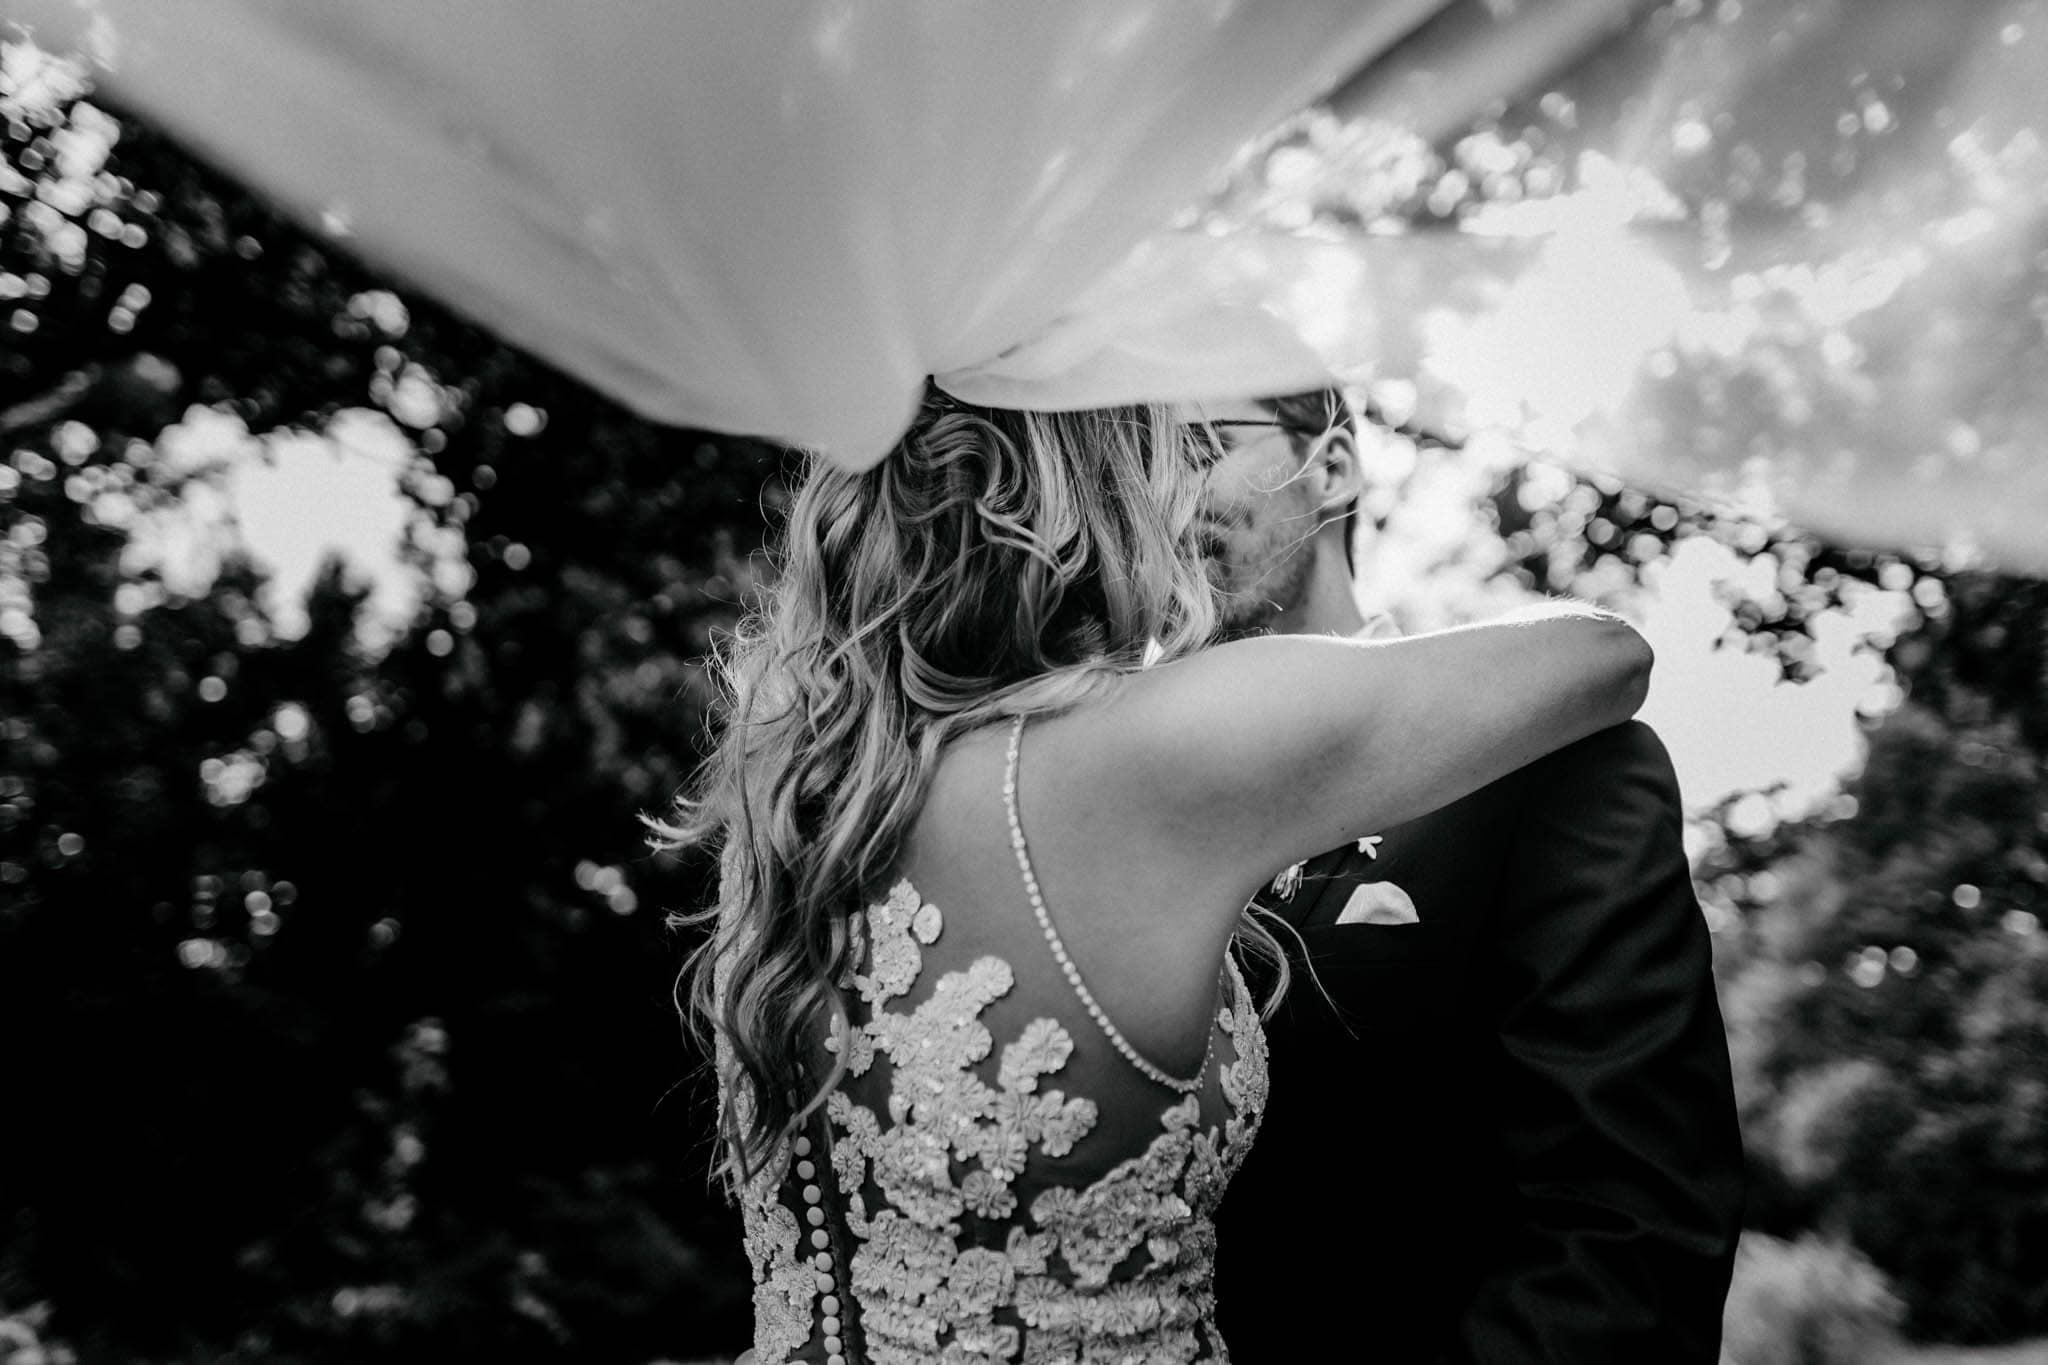 Hochzeitsfieber by Photo-Schomburg, Hochzeitsfotograf, Hamburg, Bremen, Hochzeitstag, Hochzeitspaar, Braut, Bräutigam, Bremen-Kränholm,Knoops Park-160